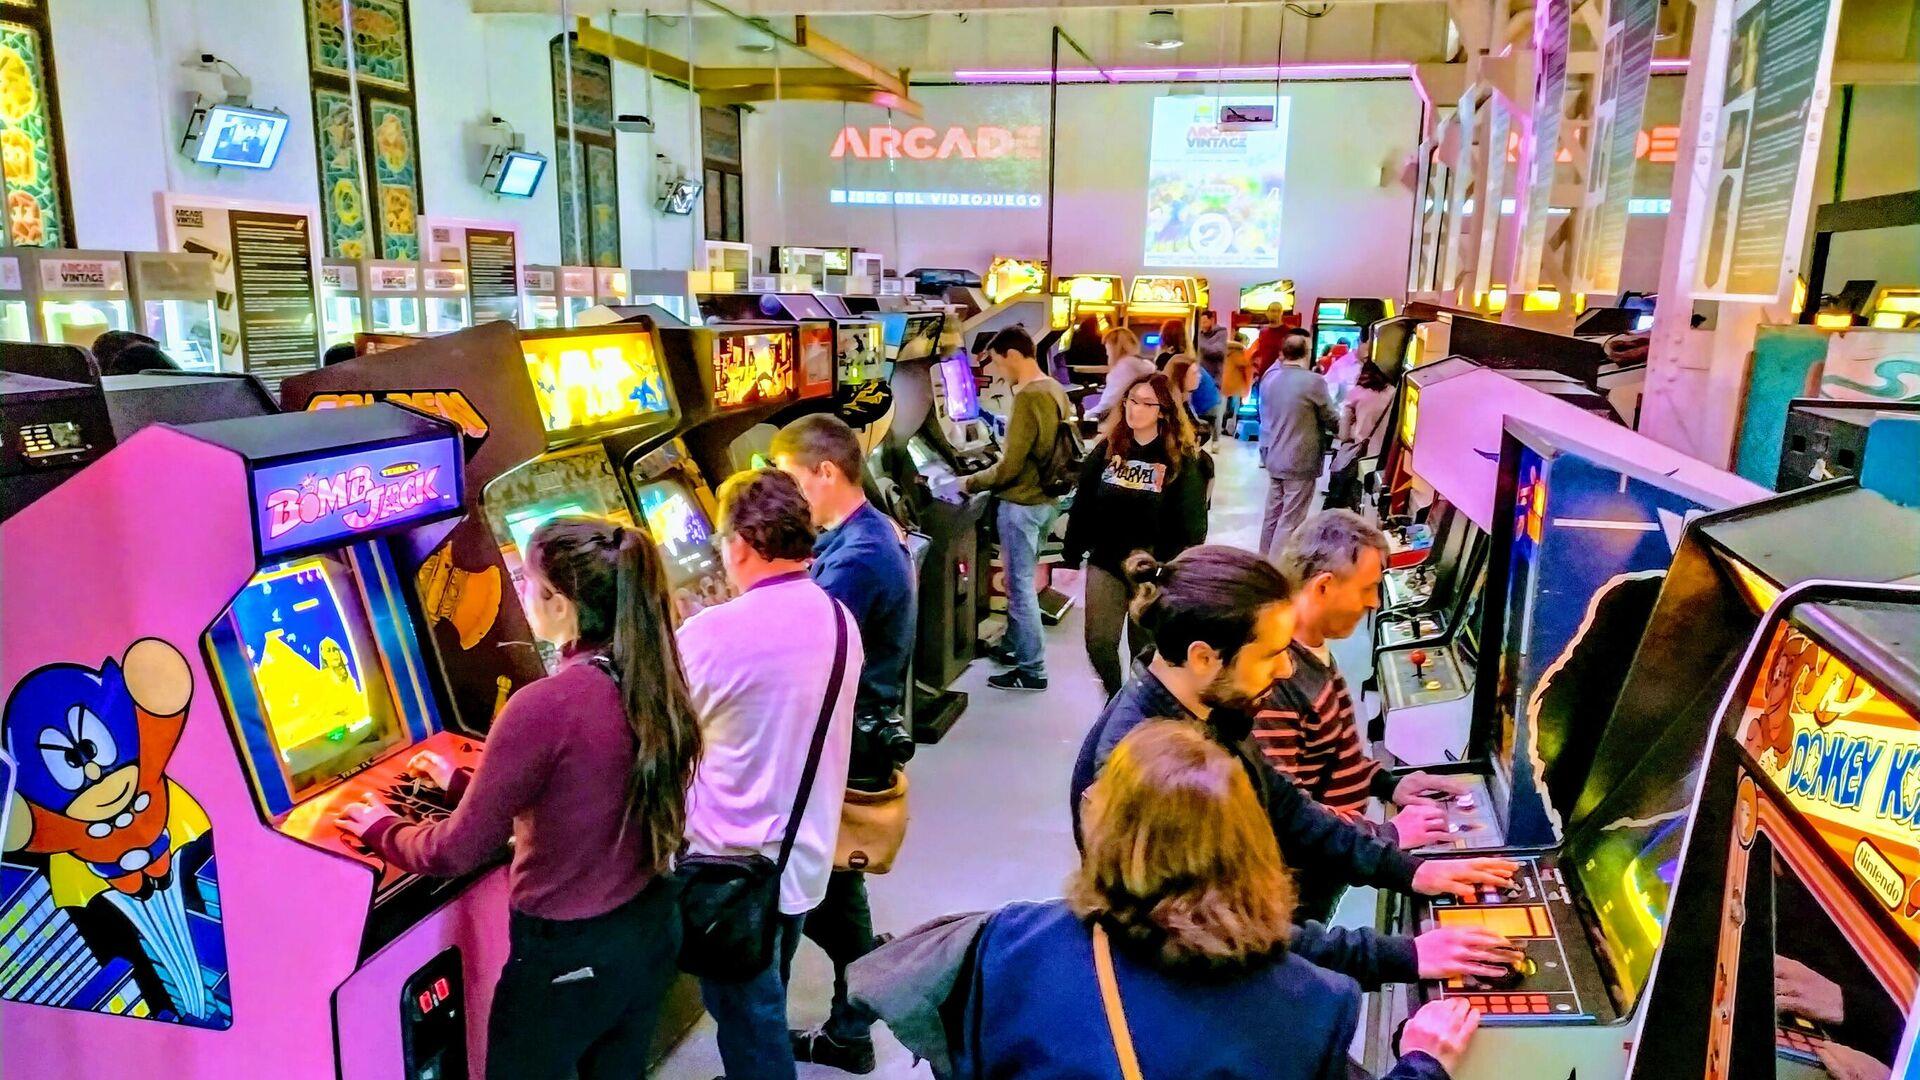 Imagen de Arcade Vintage, el museo del videojuego en la localidad alicantina de Ibi, en España - Sputnik Mundo, 1920, 31.08.2021